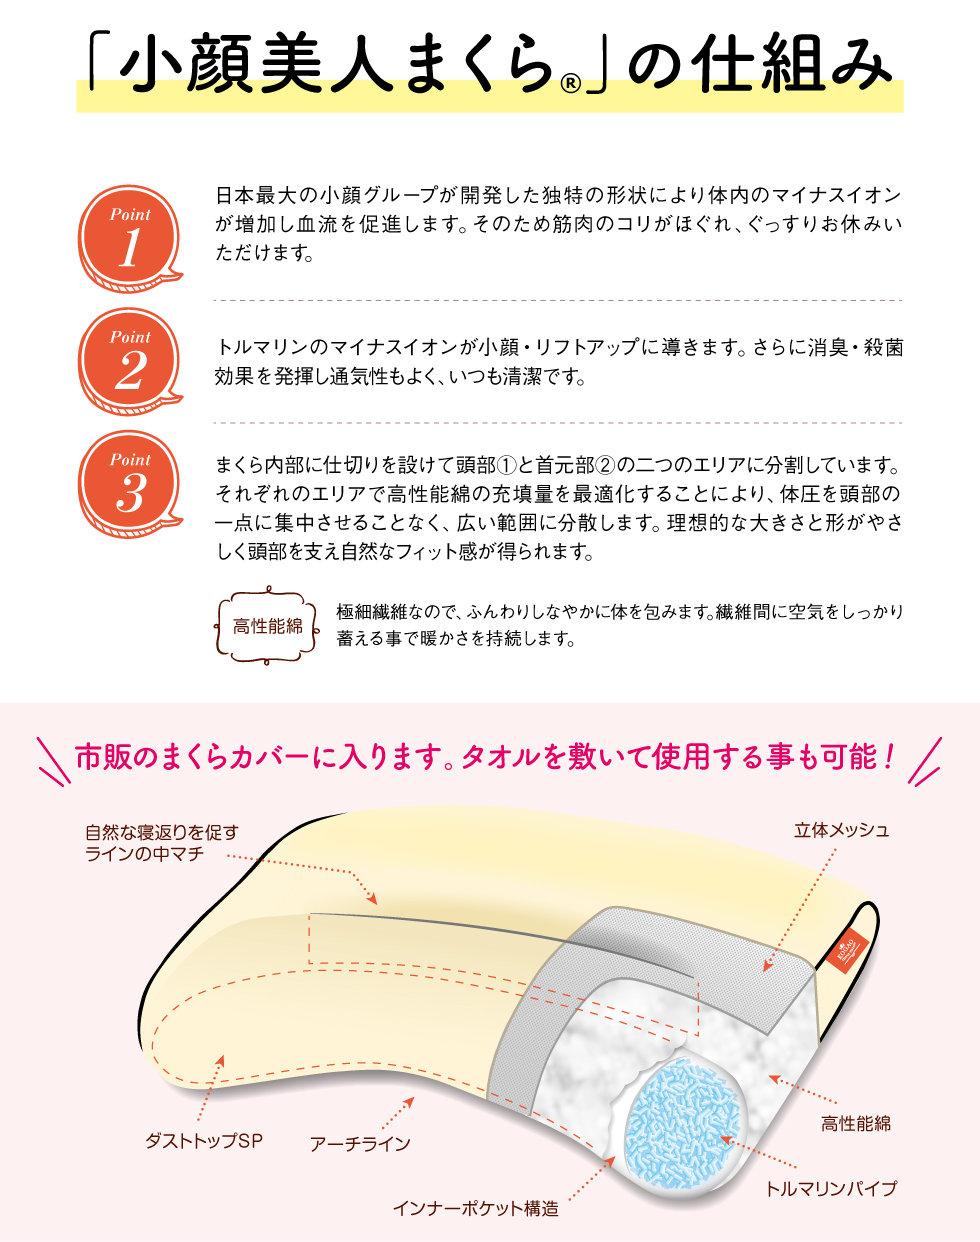 「小顔美人まくら®」の仕組み 日本最大の小顔グループが開発した独特の形状により体内のマイナスイオンが増加し血流を促進します。そのため筋肉のコリがほぐれ、ぐっすりお休みいただけます。 トルマリンのマイナスイオンが小顔・リフトアップに導きます。さらに消臭・殺菌効果を発揮し通気性もよく、いつも清潔です。 まくら内部に仕切りを設けて頭部①と首元部②の二つのエリアに分割しています。それぞれのエリアで高性能綿の充填量を最適化することにより、体圧を頭部の一点に集中させることなく、広い範囲に分散します。理想的な大きさと形がやさしく頭部を支え自然なフィット感が得られます。 高性能綿 極細繊維なので、ふんわりしなやかに体を包みます。繊維間に空気をしっかり蓄える事で暖かさを持続します。 市販のまくらカバーに入ります。タオルを敷いて使用する事も可能 自然な寝返りを促すラインの中マチ ダストトップSP アーチライン インナーポケット構造 トルマリンパイプ 立体メッシュ